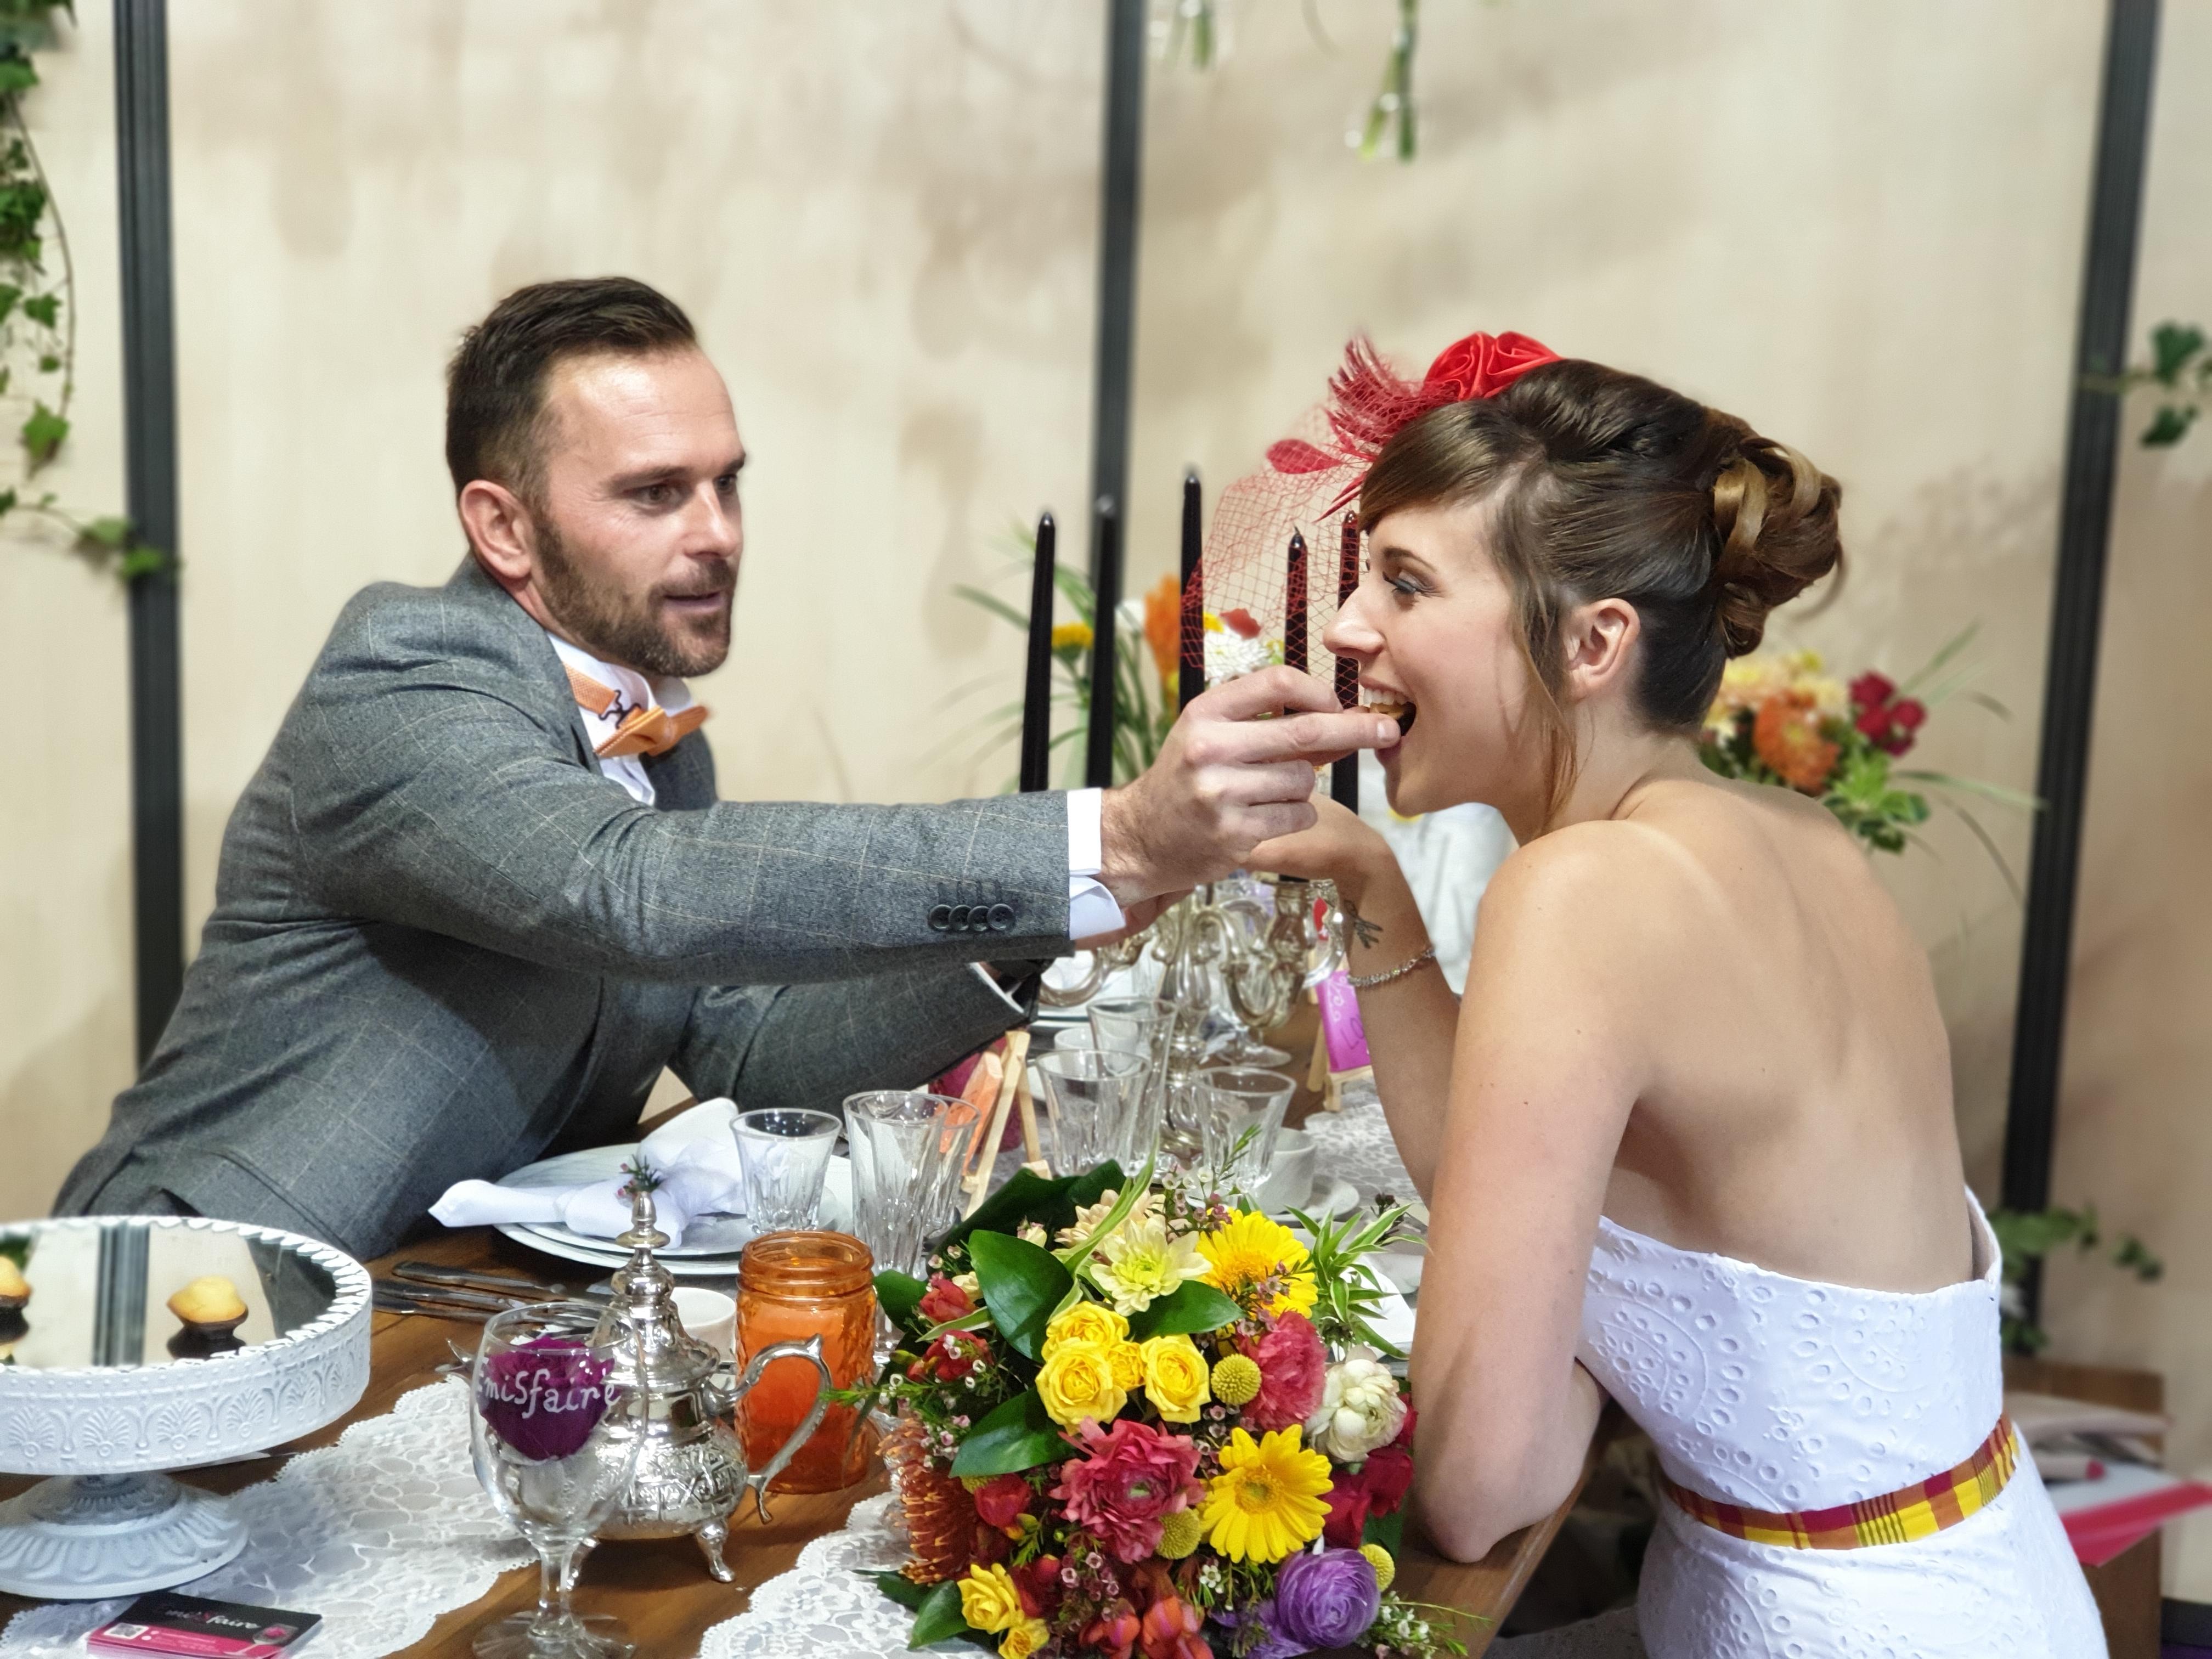 SALON DU MARIAGE 2019